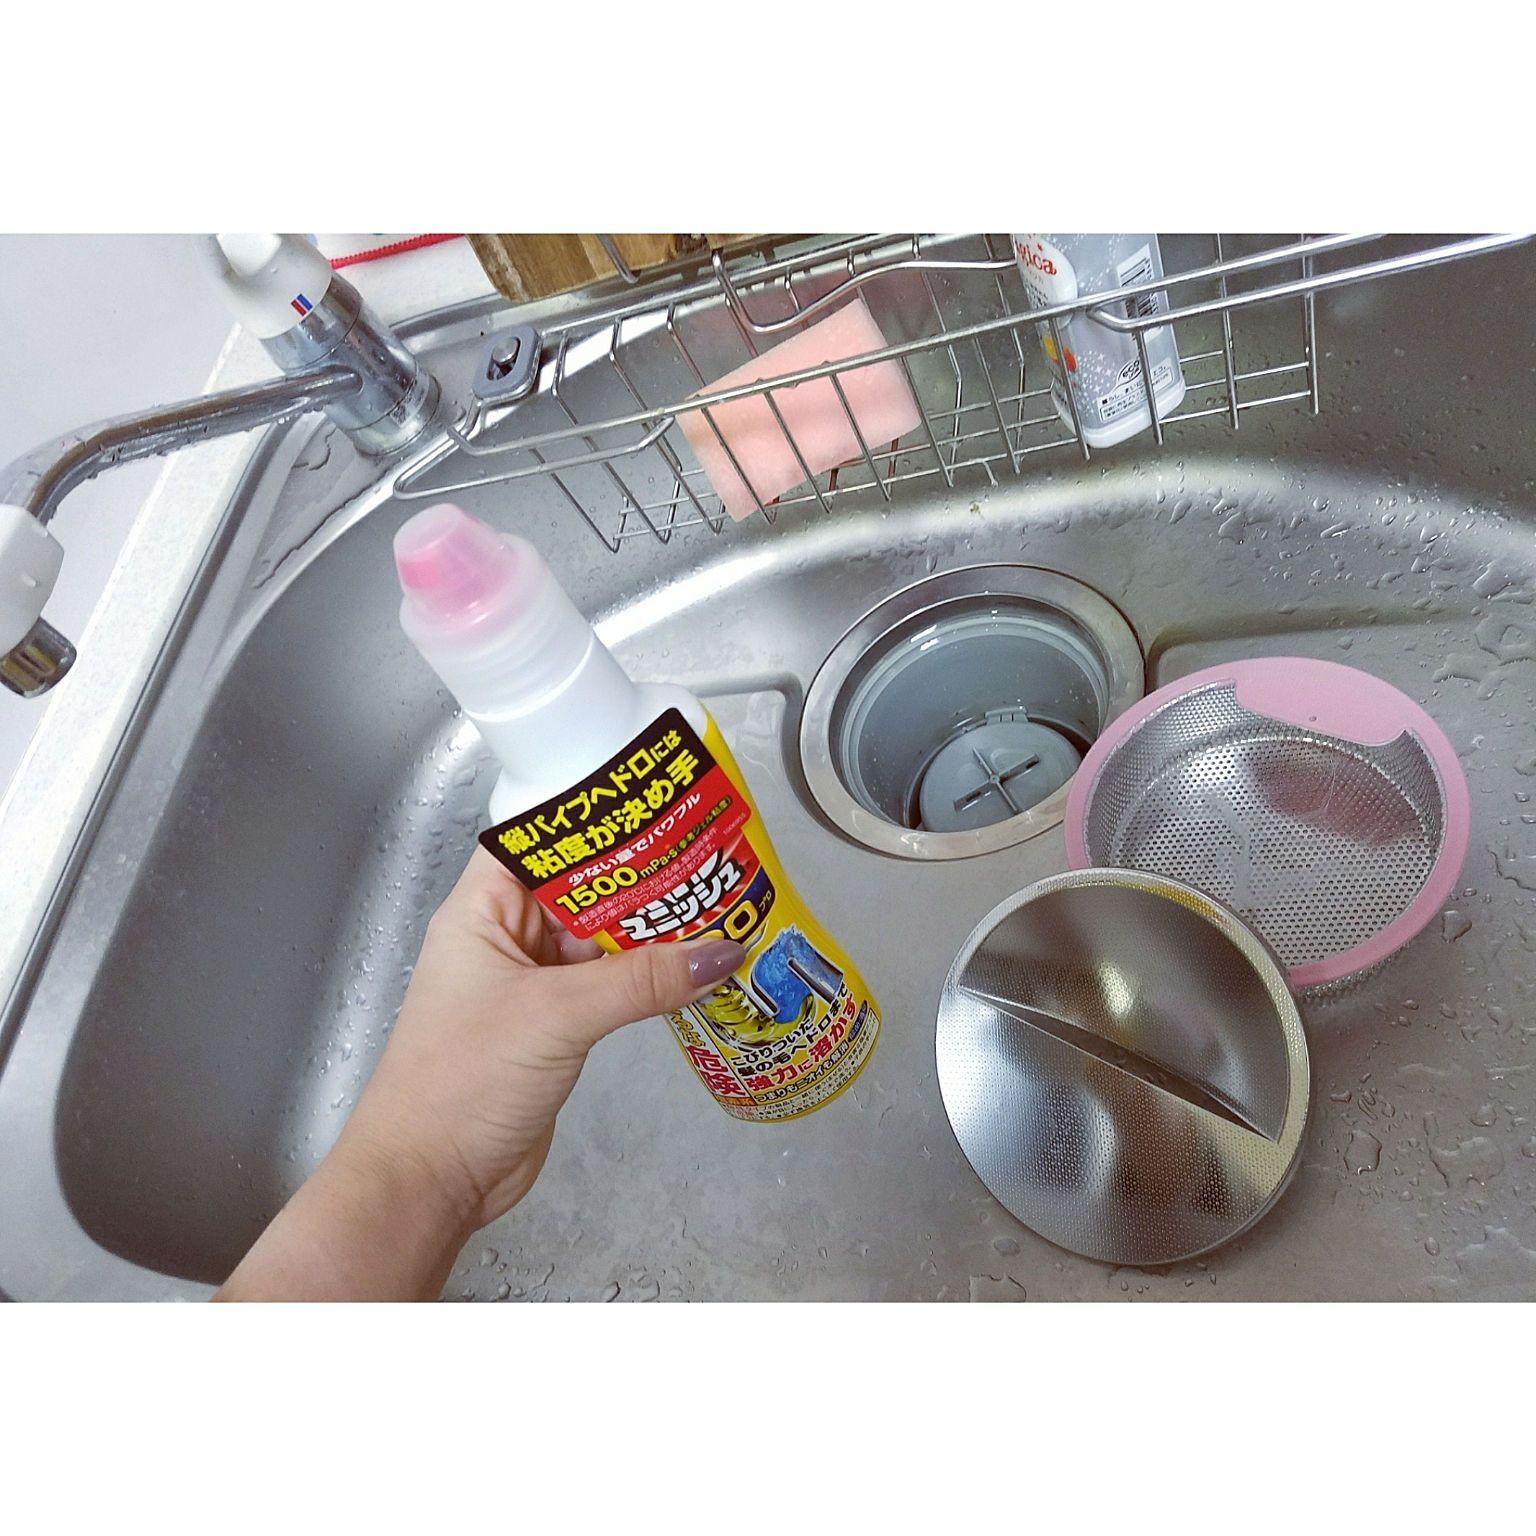 キッチン 一人暮らし 賃貸 排水溝掃除 排水溝のゴミ受けはセリア 排水